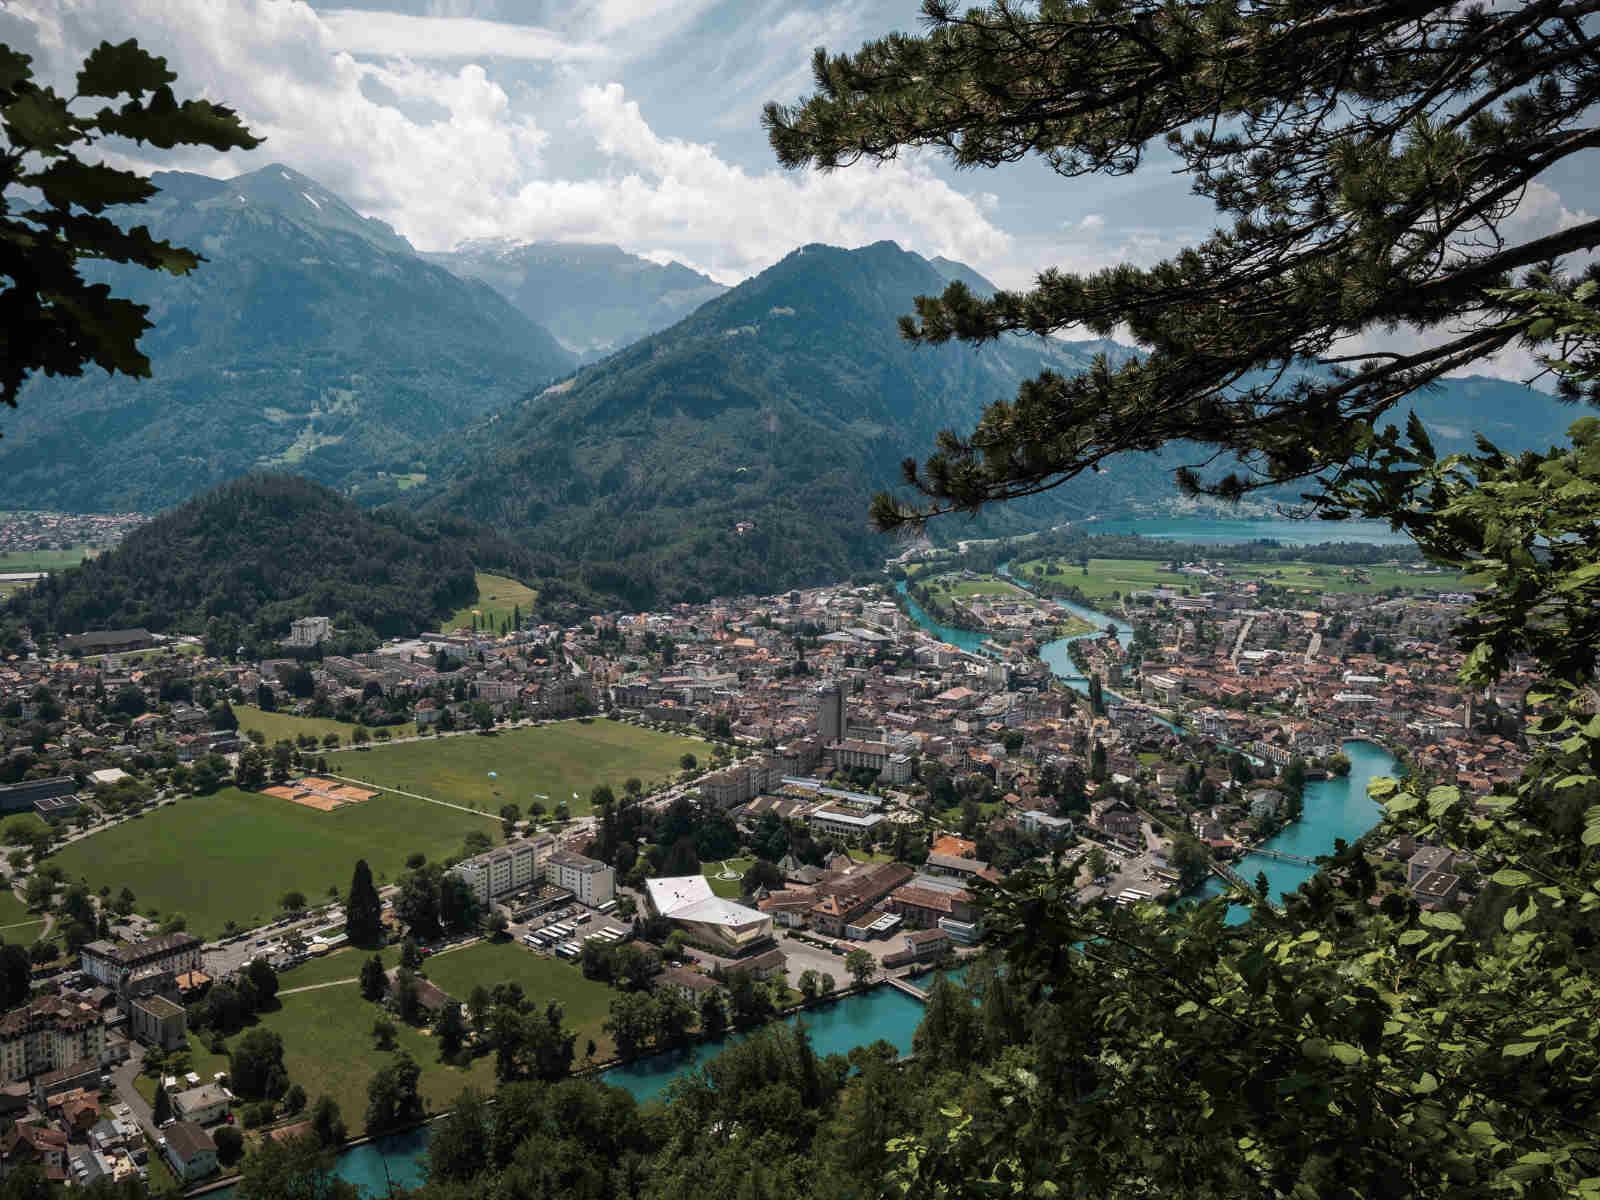 Stadt, Berge, Häuser